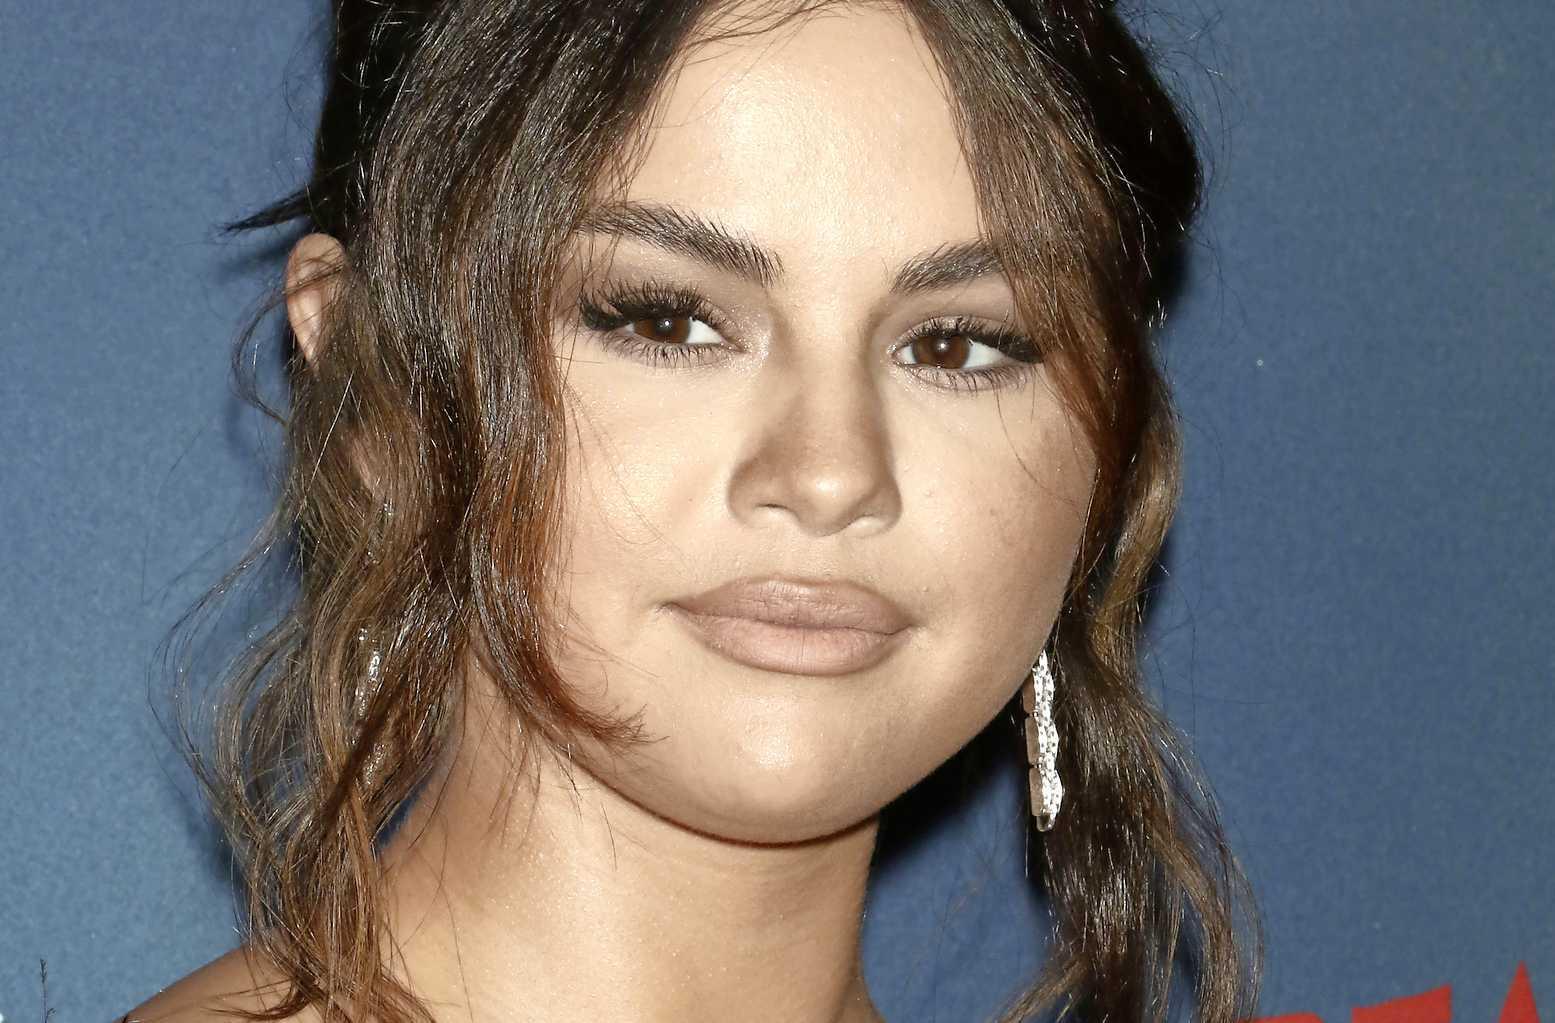 Dating geschiedenis van Selena Gomez hoe online dating beïnvloedt relaties